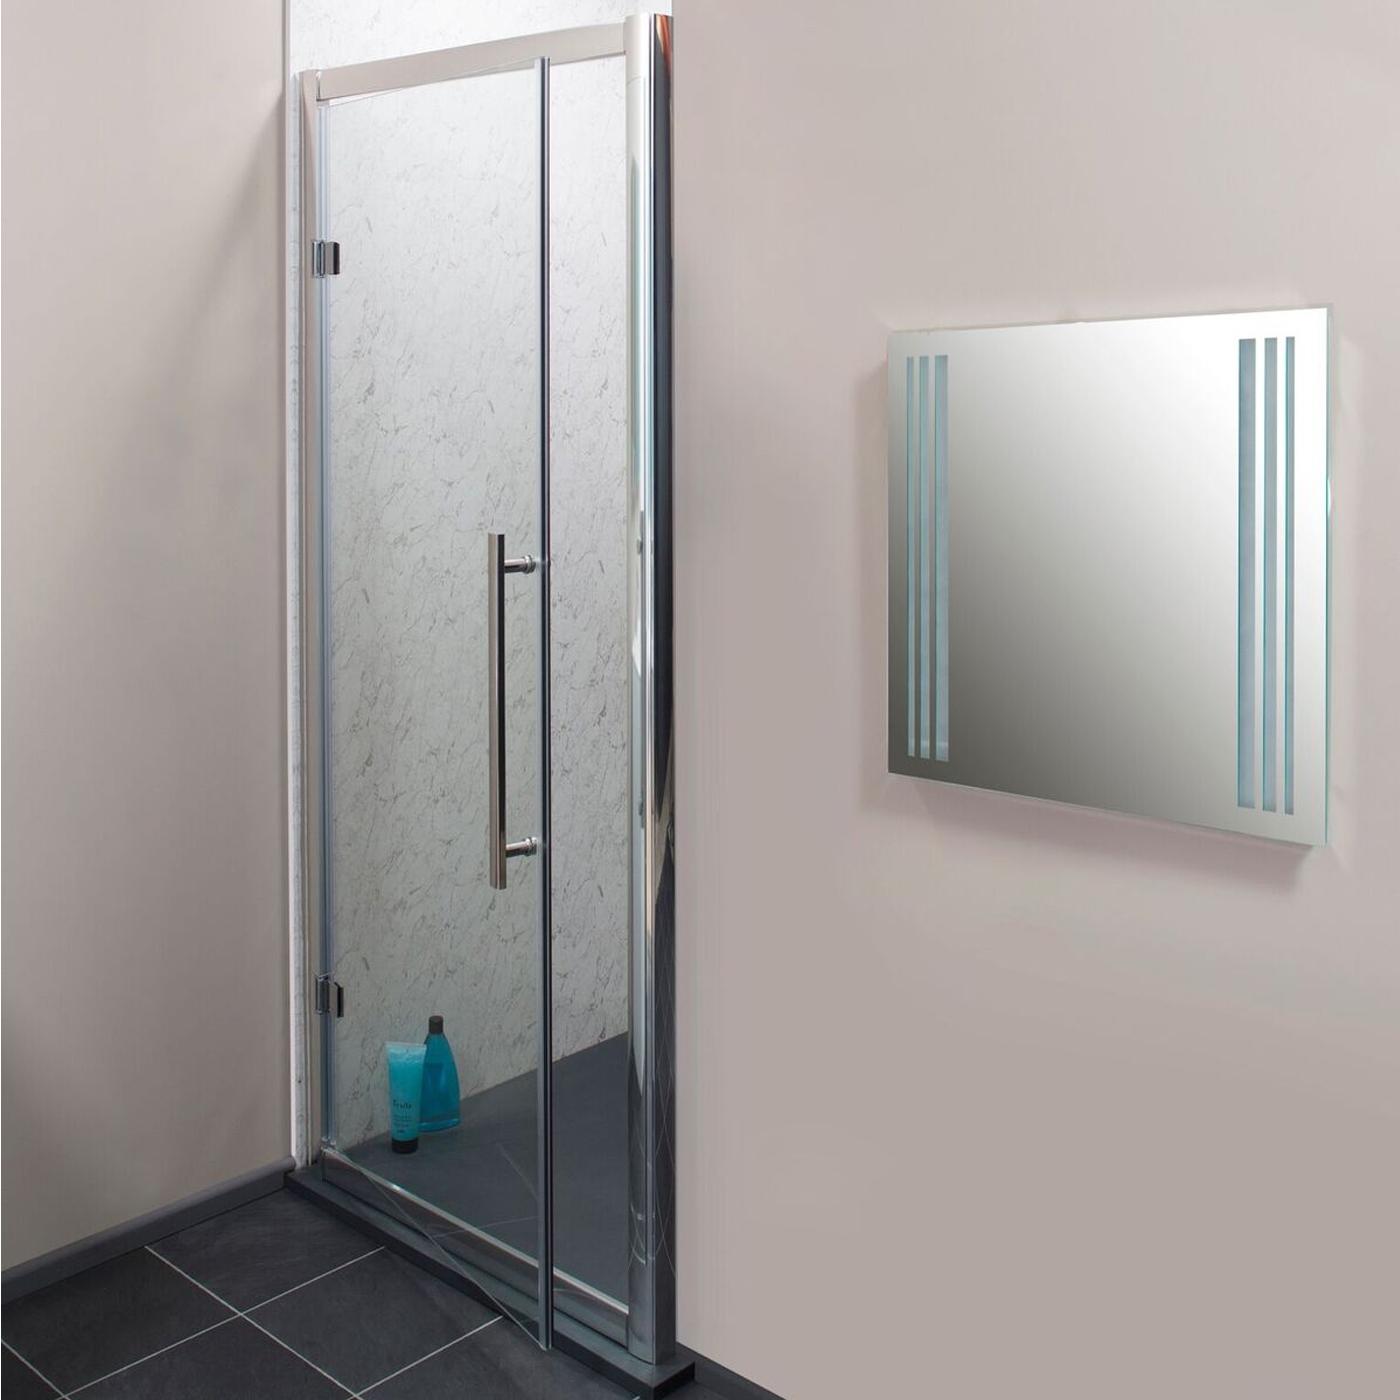 Cali Cass Eight Hinged Shower Door 760mm Wide - 8mm Glass